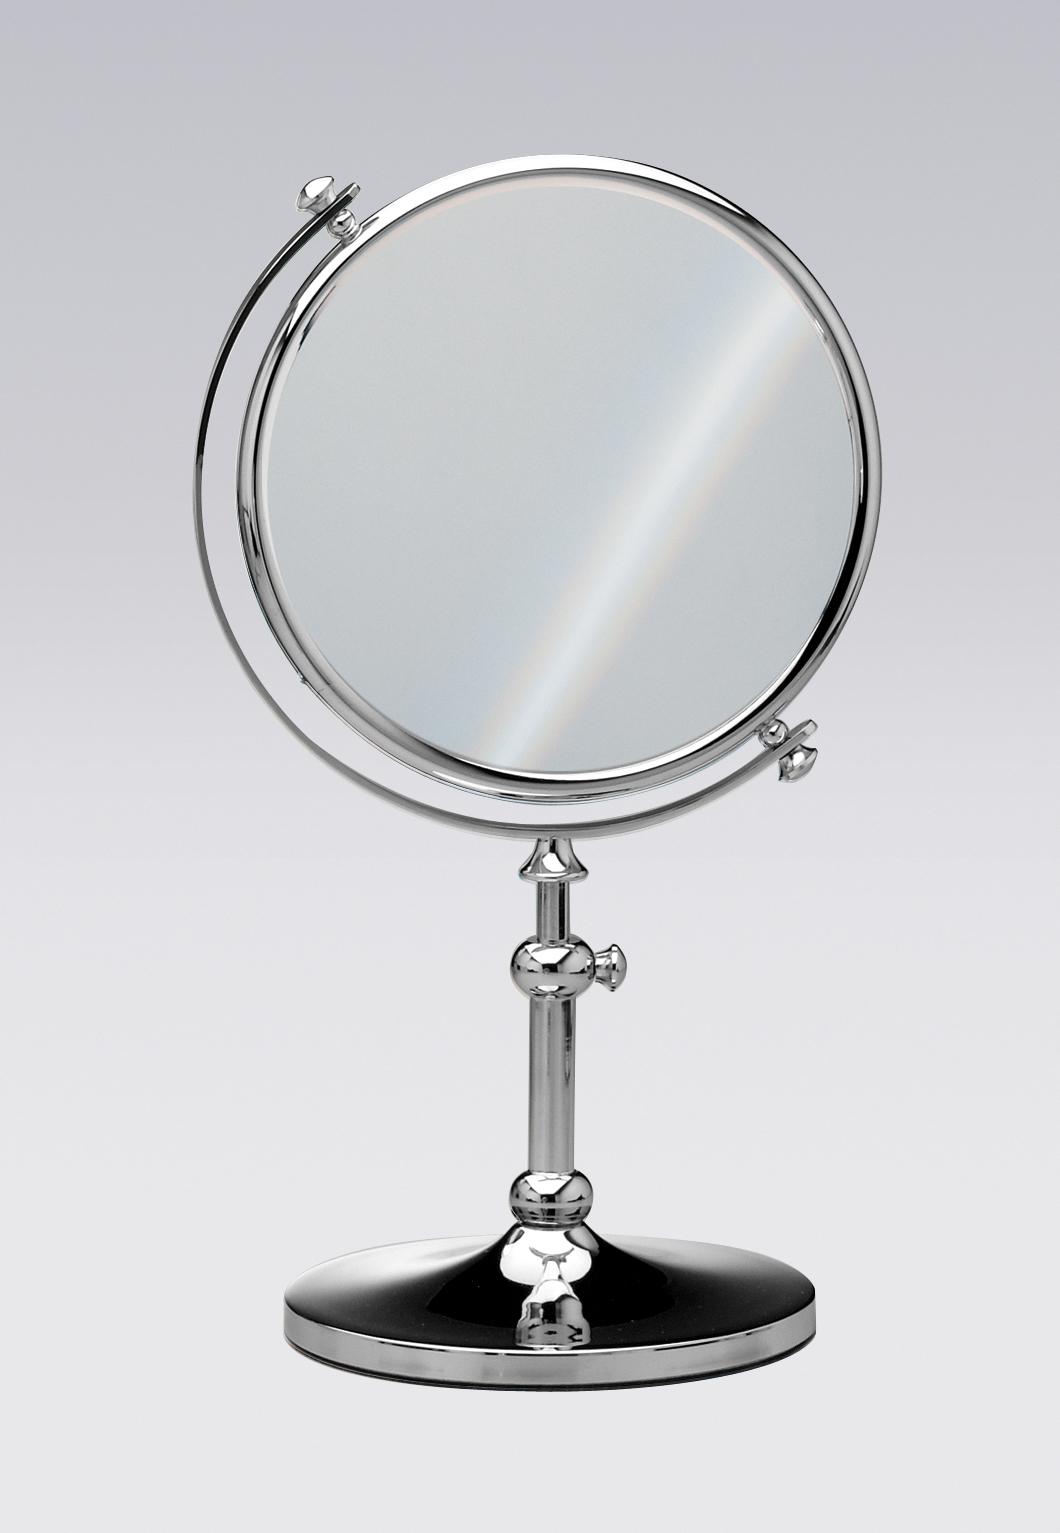 Зеркала Зеркало косметическое Windisch 99111CRO 3X elitnoe-zerkalo-kosmeticheskoe-99111-ot-windisch-ispaniya.jpg